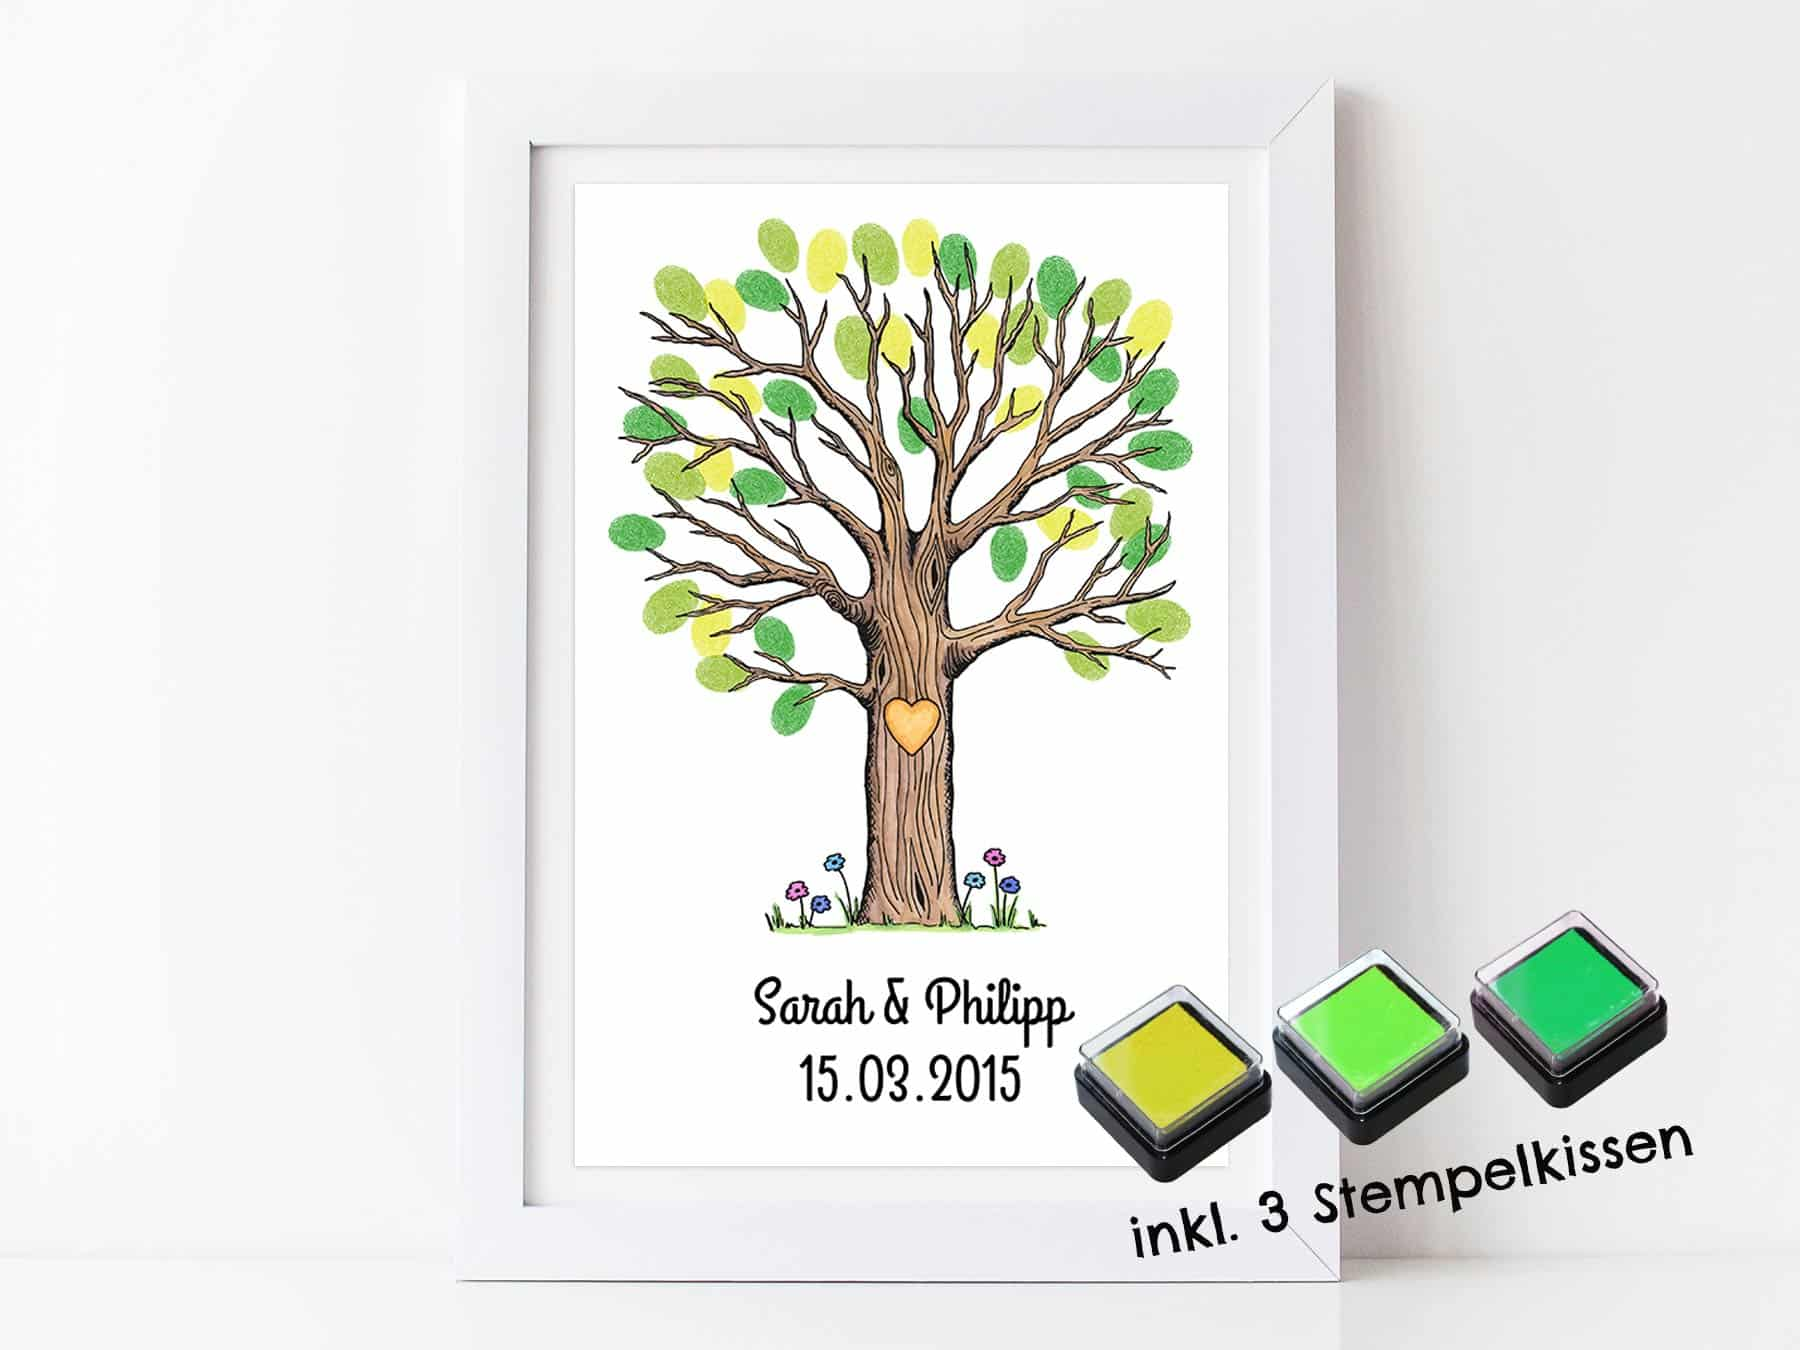 Wunderbar Bild Fingerabdruck Referenz Von Gästebuch Baum Für Deine Hochzeit – Personalisierter